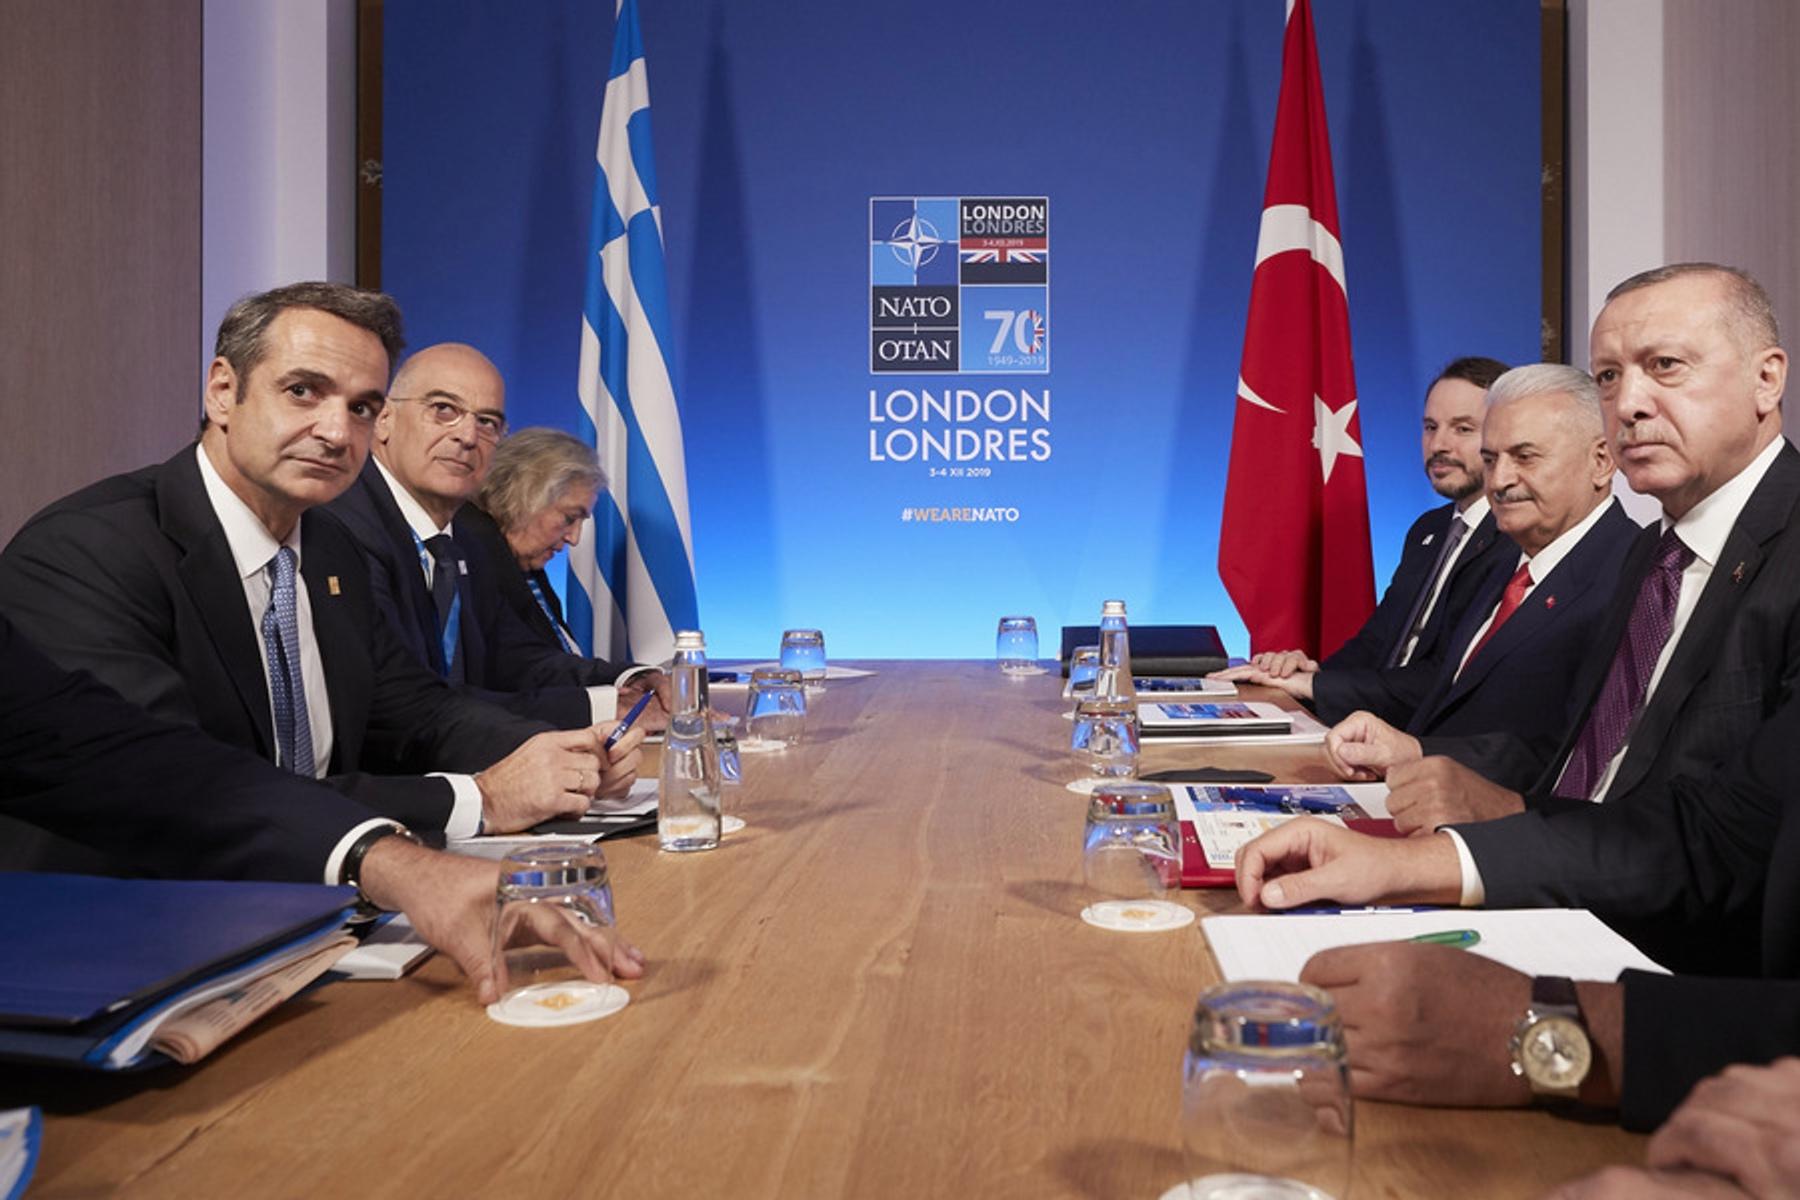 Συνάντηση Μητσοτάκη Ερντογάν: Γιατί θεωρούν στην κυβέρνηση πως η Ελλάδα ενισχύεται